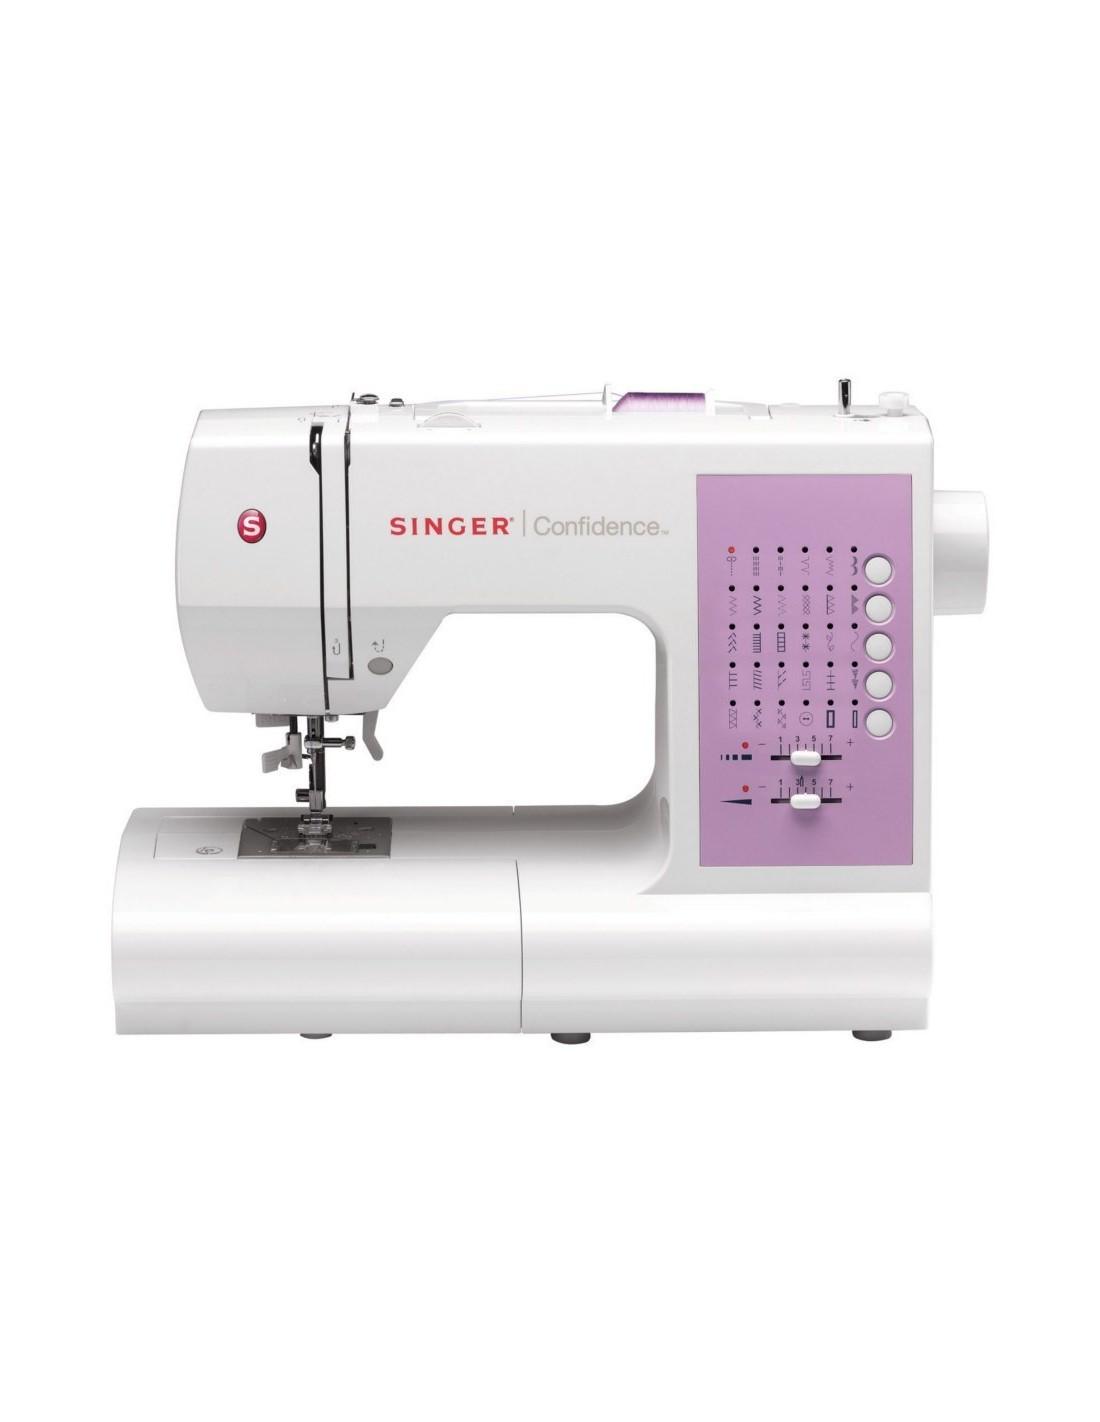 Macchina da cucire singer confidence 7463 macchine per for Macchina da cucire